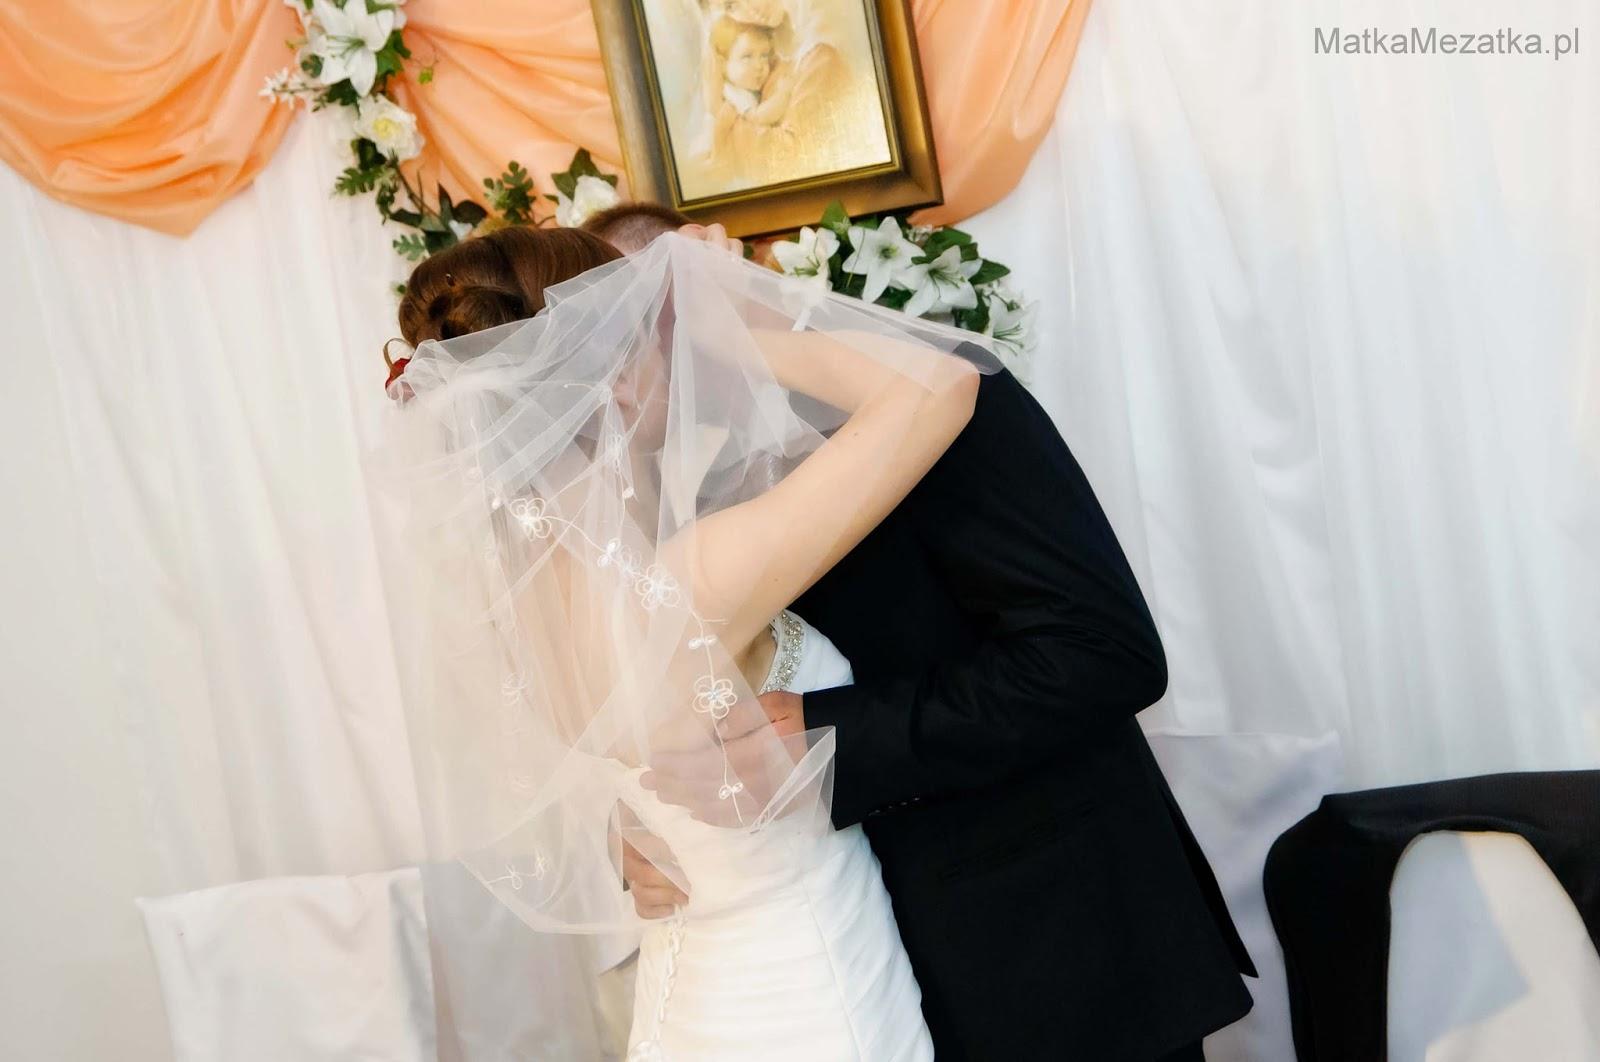 małżonkowie